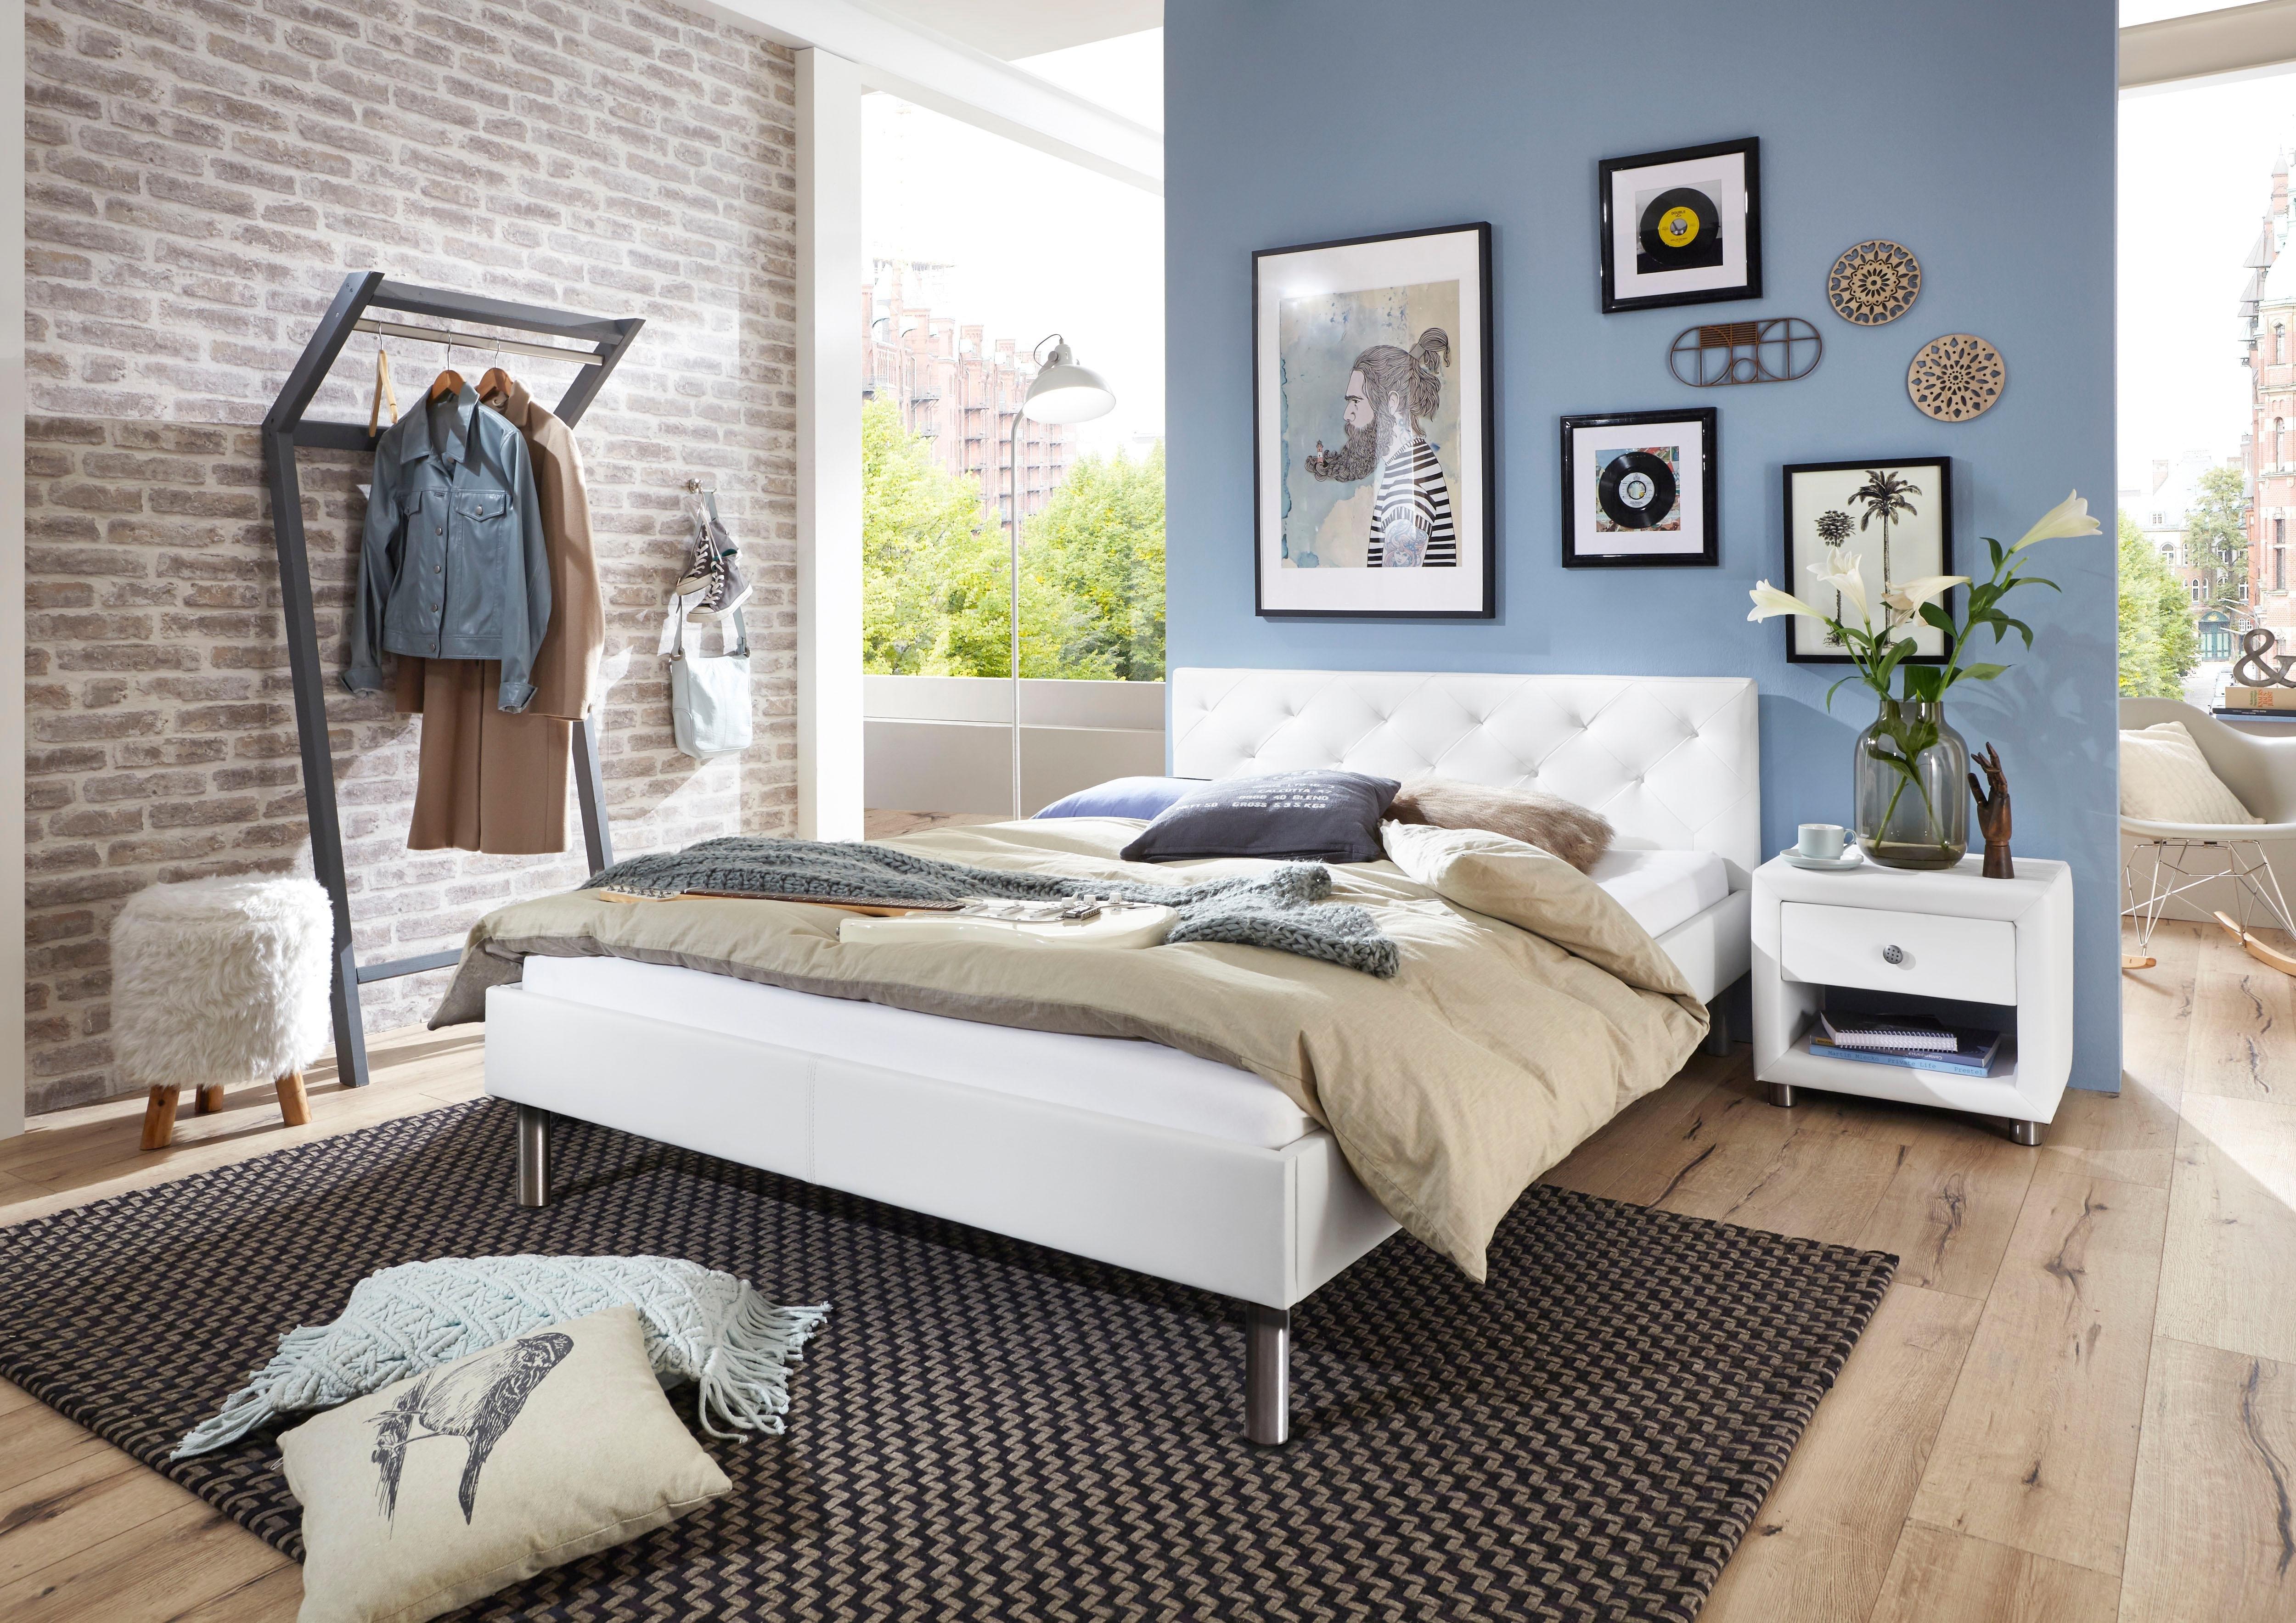 Atlantic Home Collection Bed - verschillende betaalmethodes